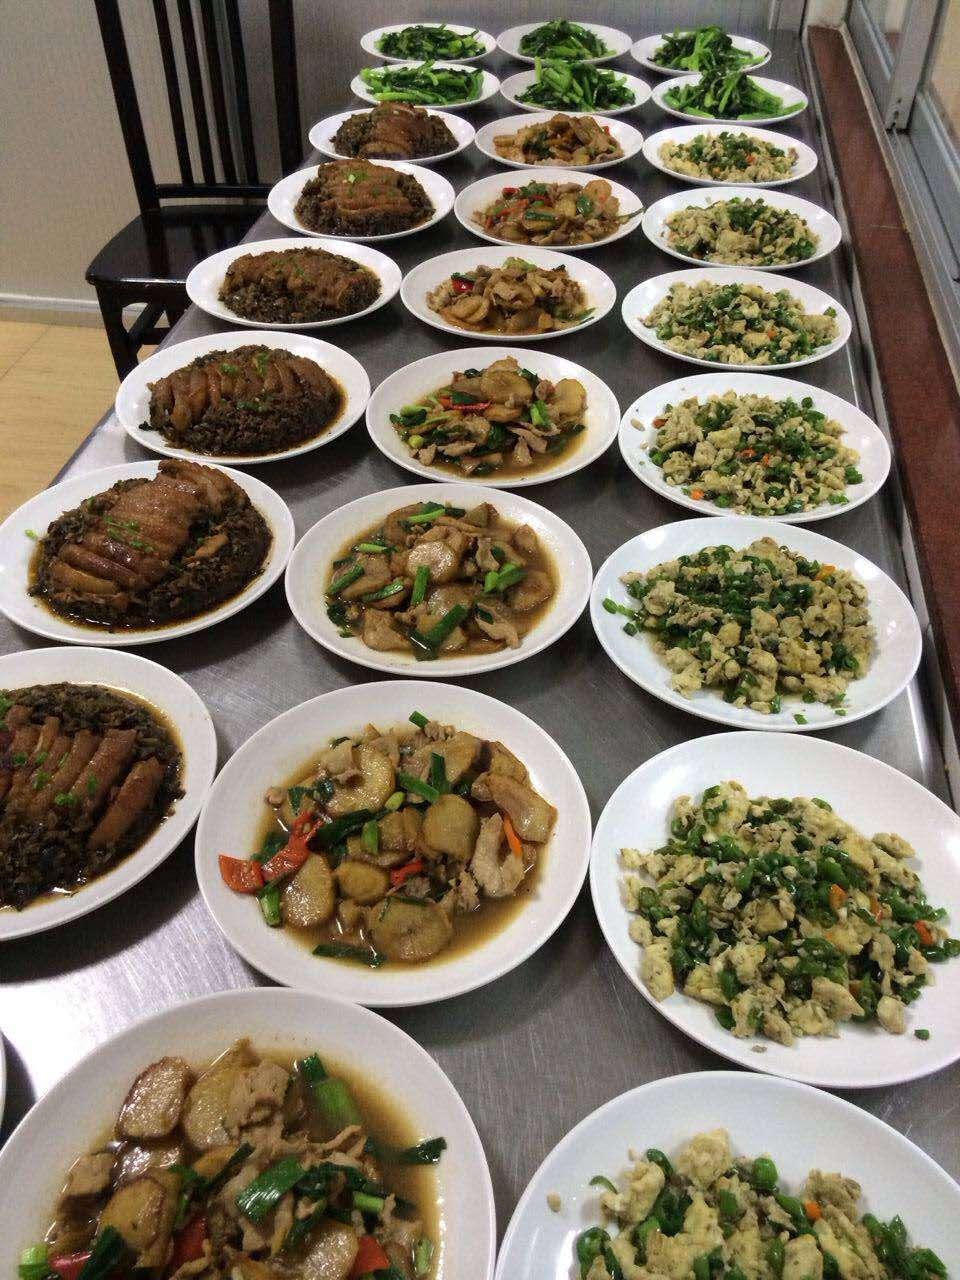 想要专业的企业食堂承包就找深圳市精诚饮食服务-专业食堂承包